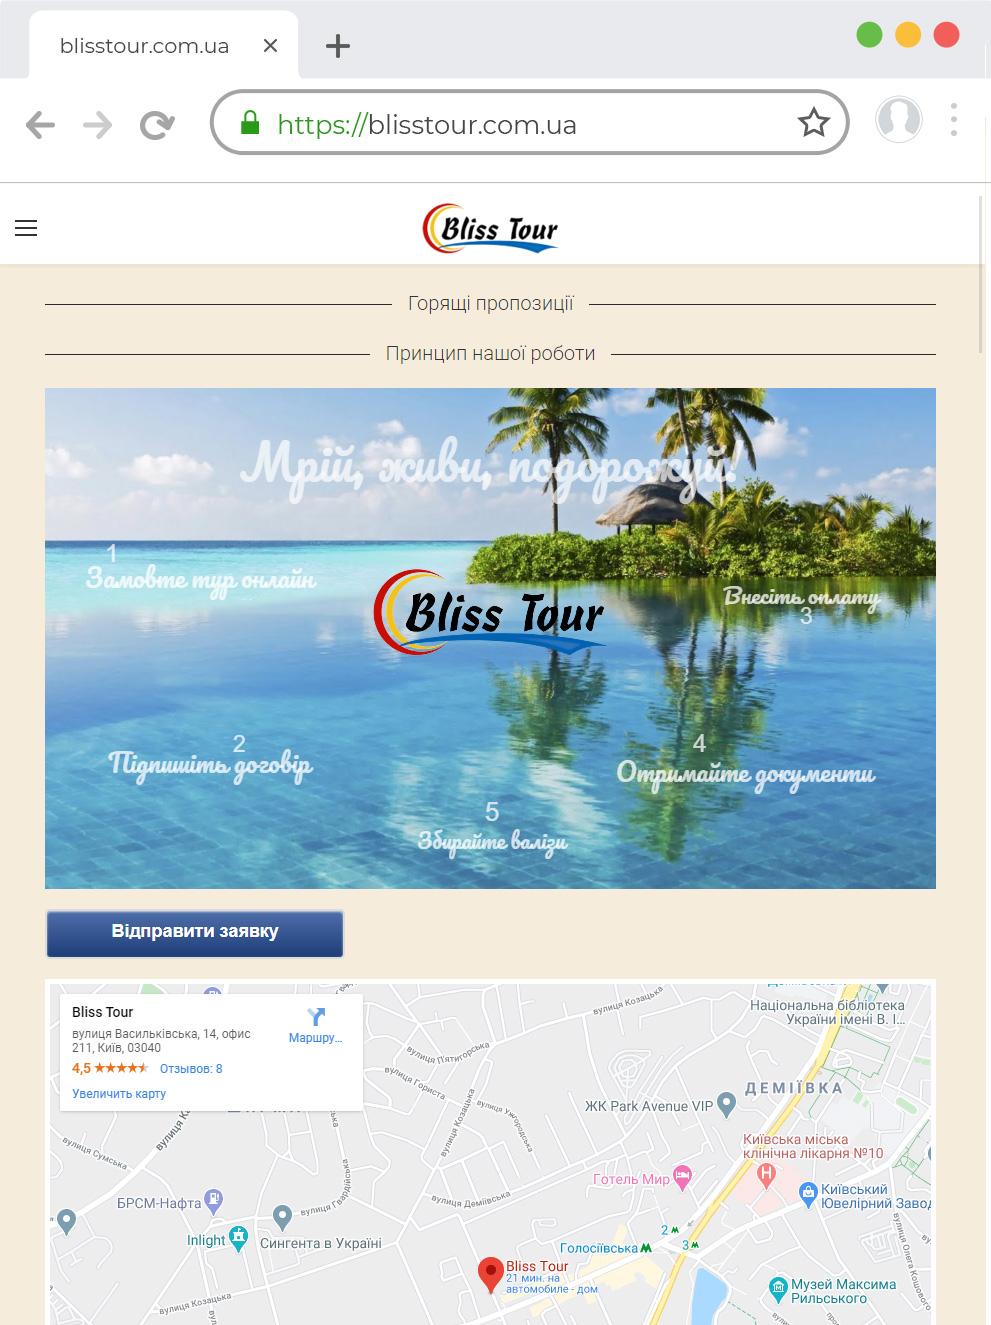 Создание туристических сайтов. Создание сайта туристической фирмы, цена, стоимость.